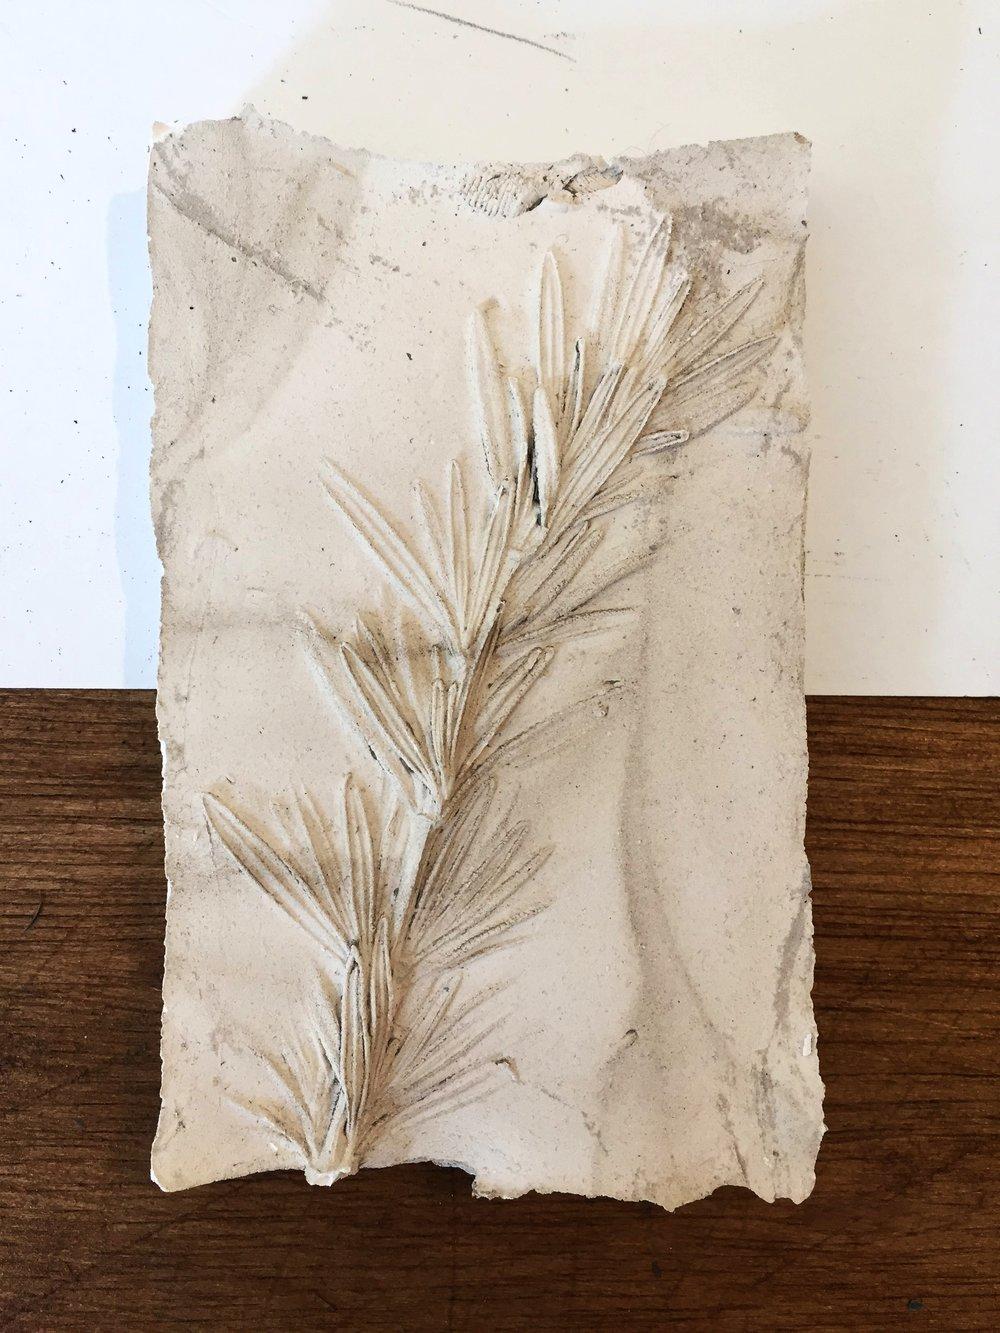 Rosemary cast test-sample